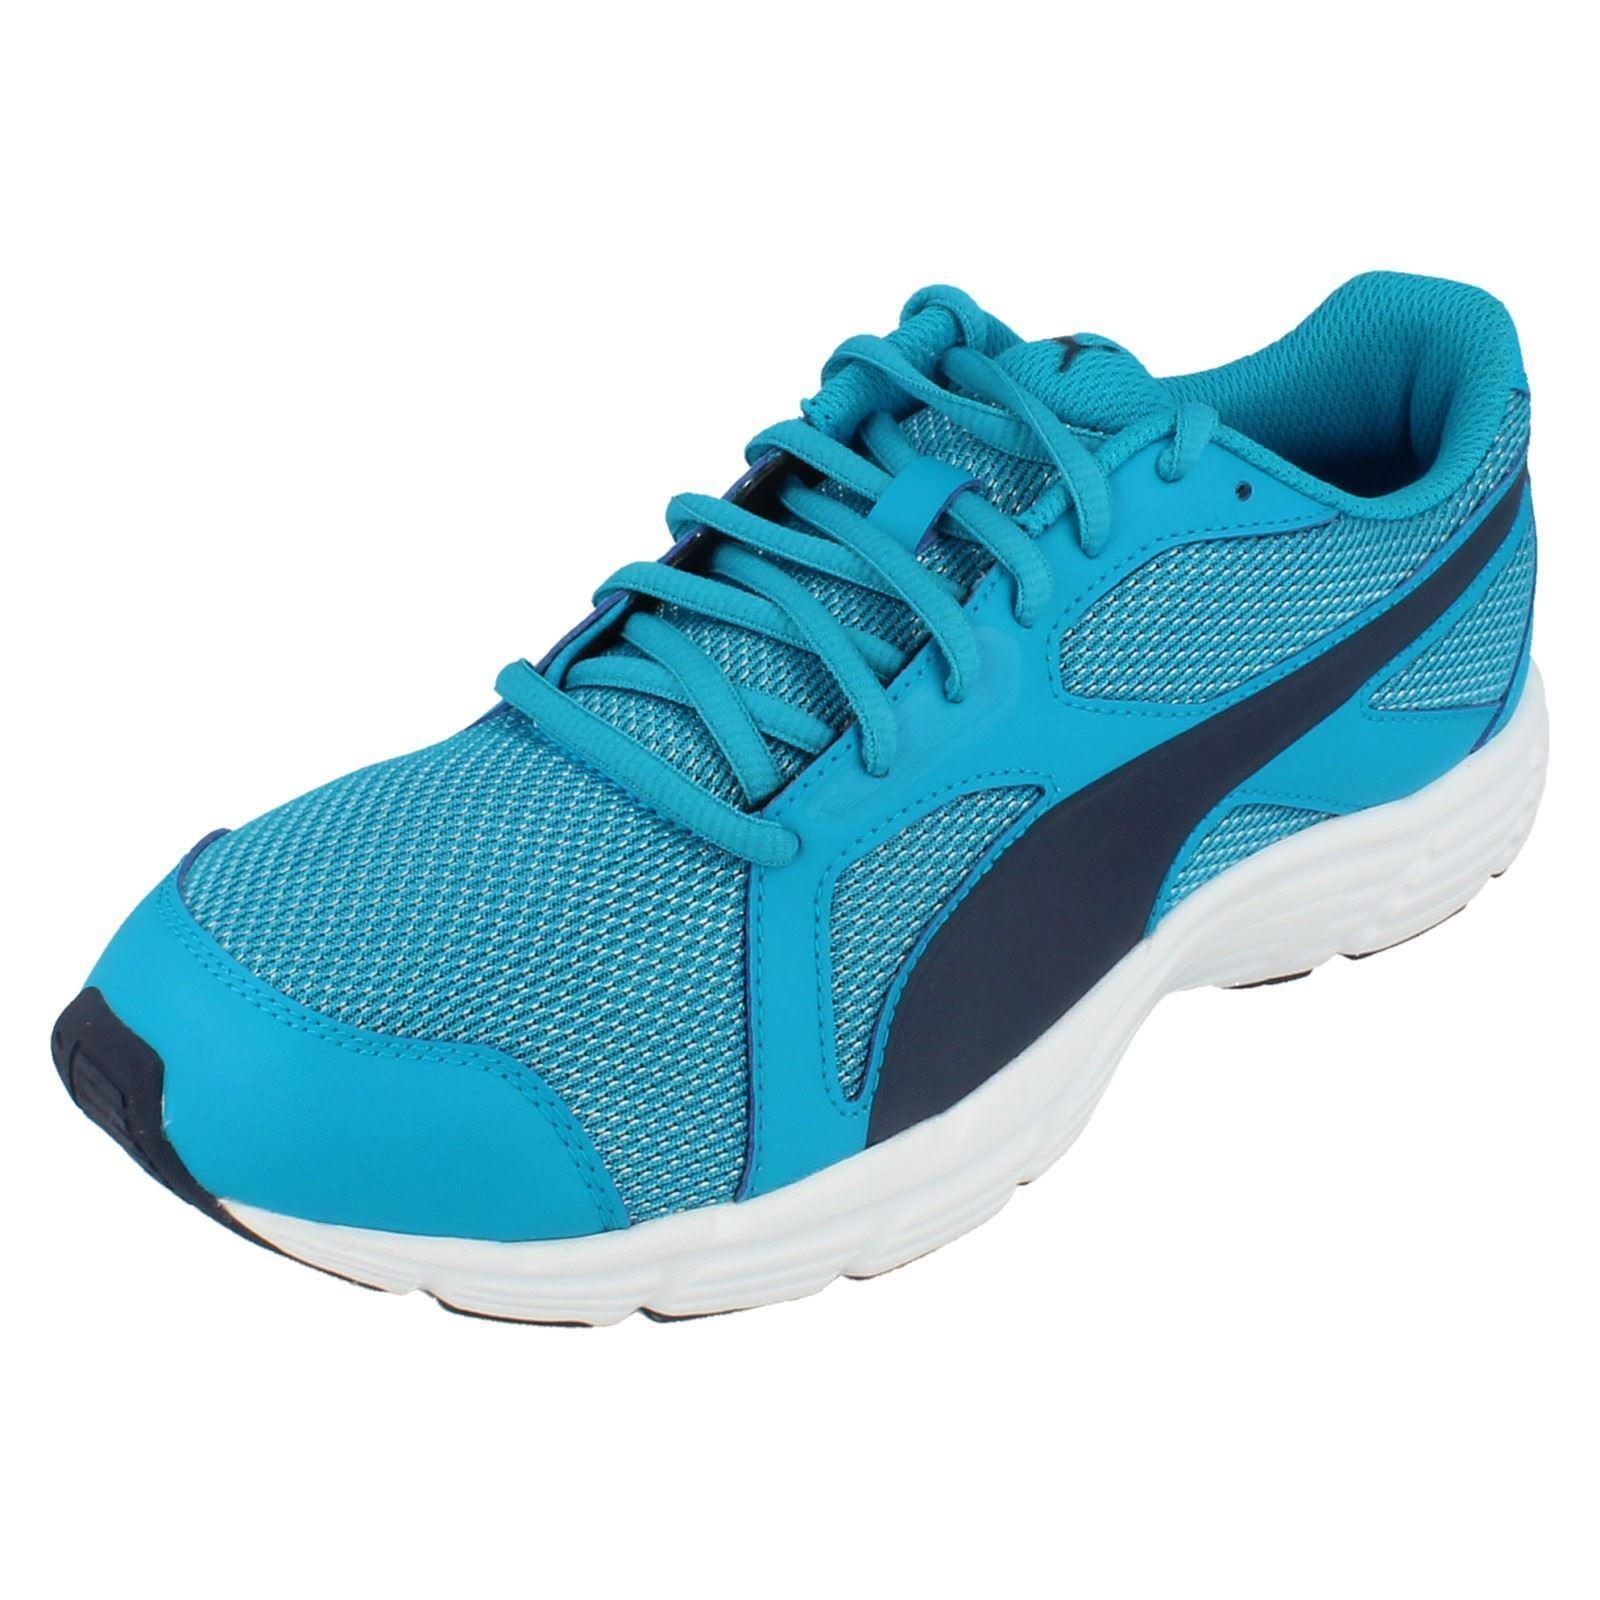 Hombre Puma cordones ligeramente redonda acolchado cuello puntera redonda ligeramente el mas popular de zapatos para hombres y mujeres b70859